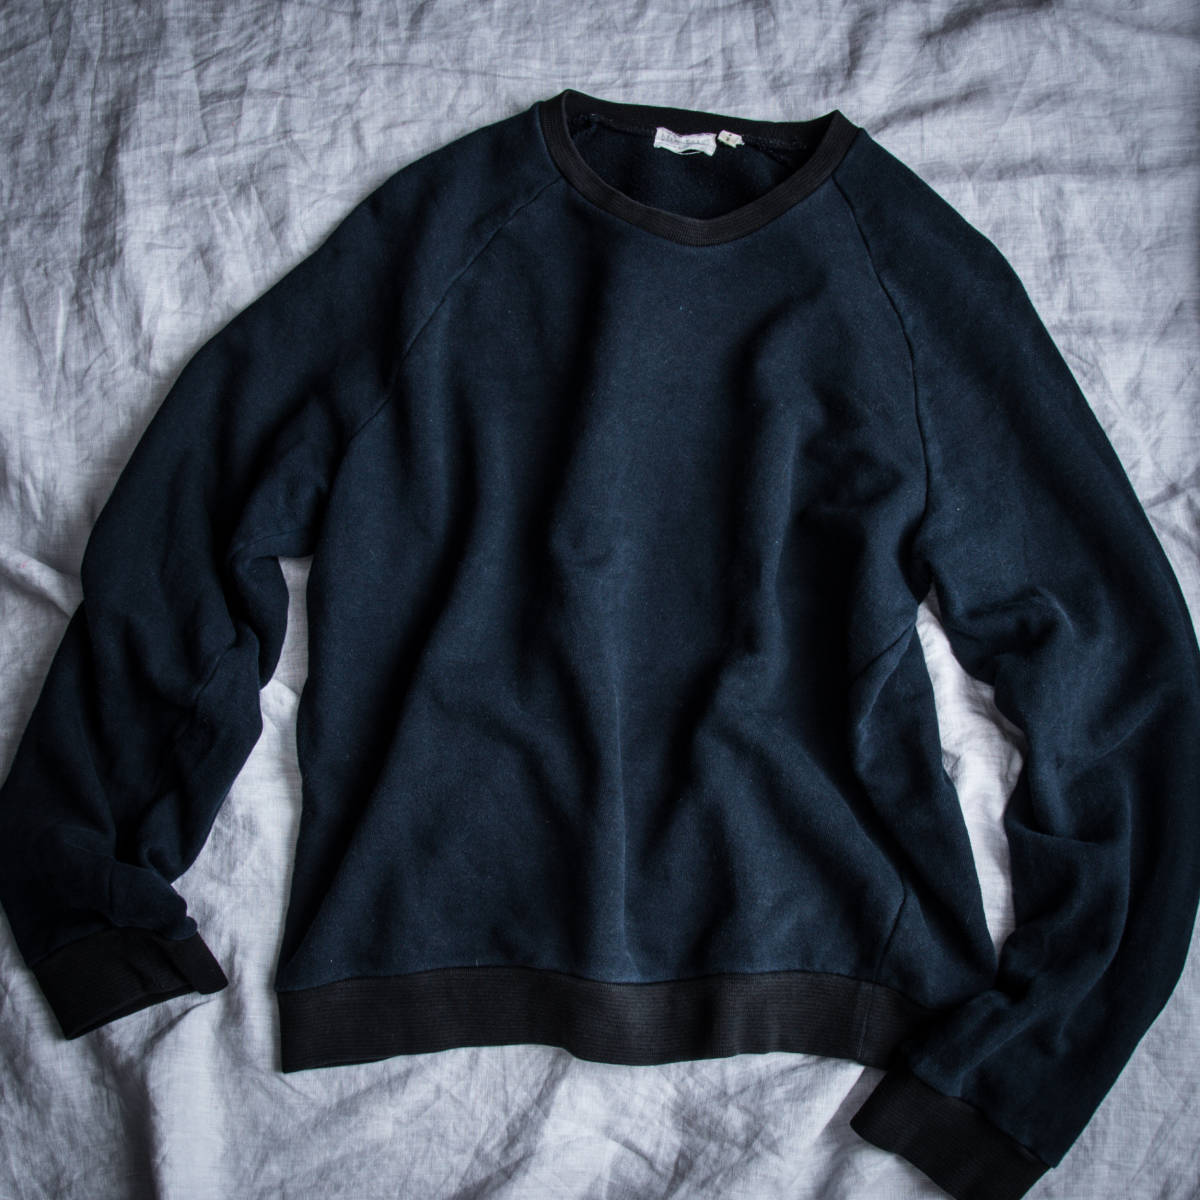 1990's HELMUT LANG 2-Tone Sweat Shirt 1998 Made in Italy / ビンテージ オールド ヘルムートラング スウェット シャツ イタリア製 古着